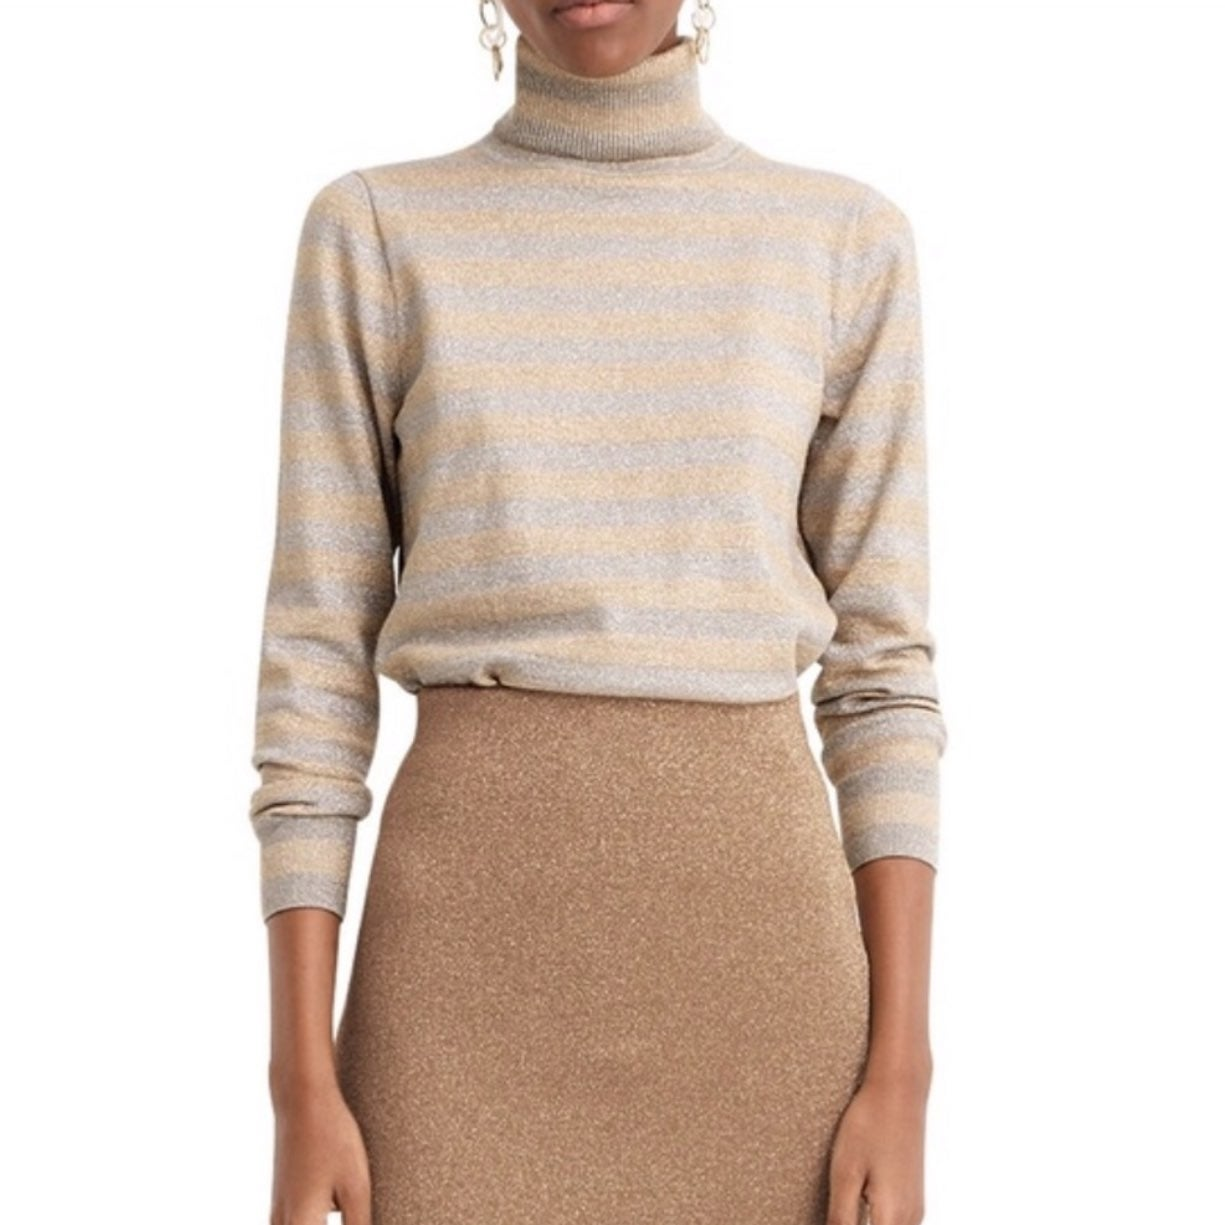 J.Crew Stripe Turtleneck Sparkle Sweater